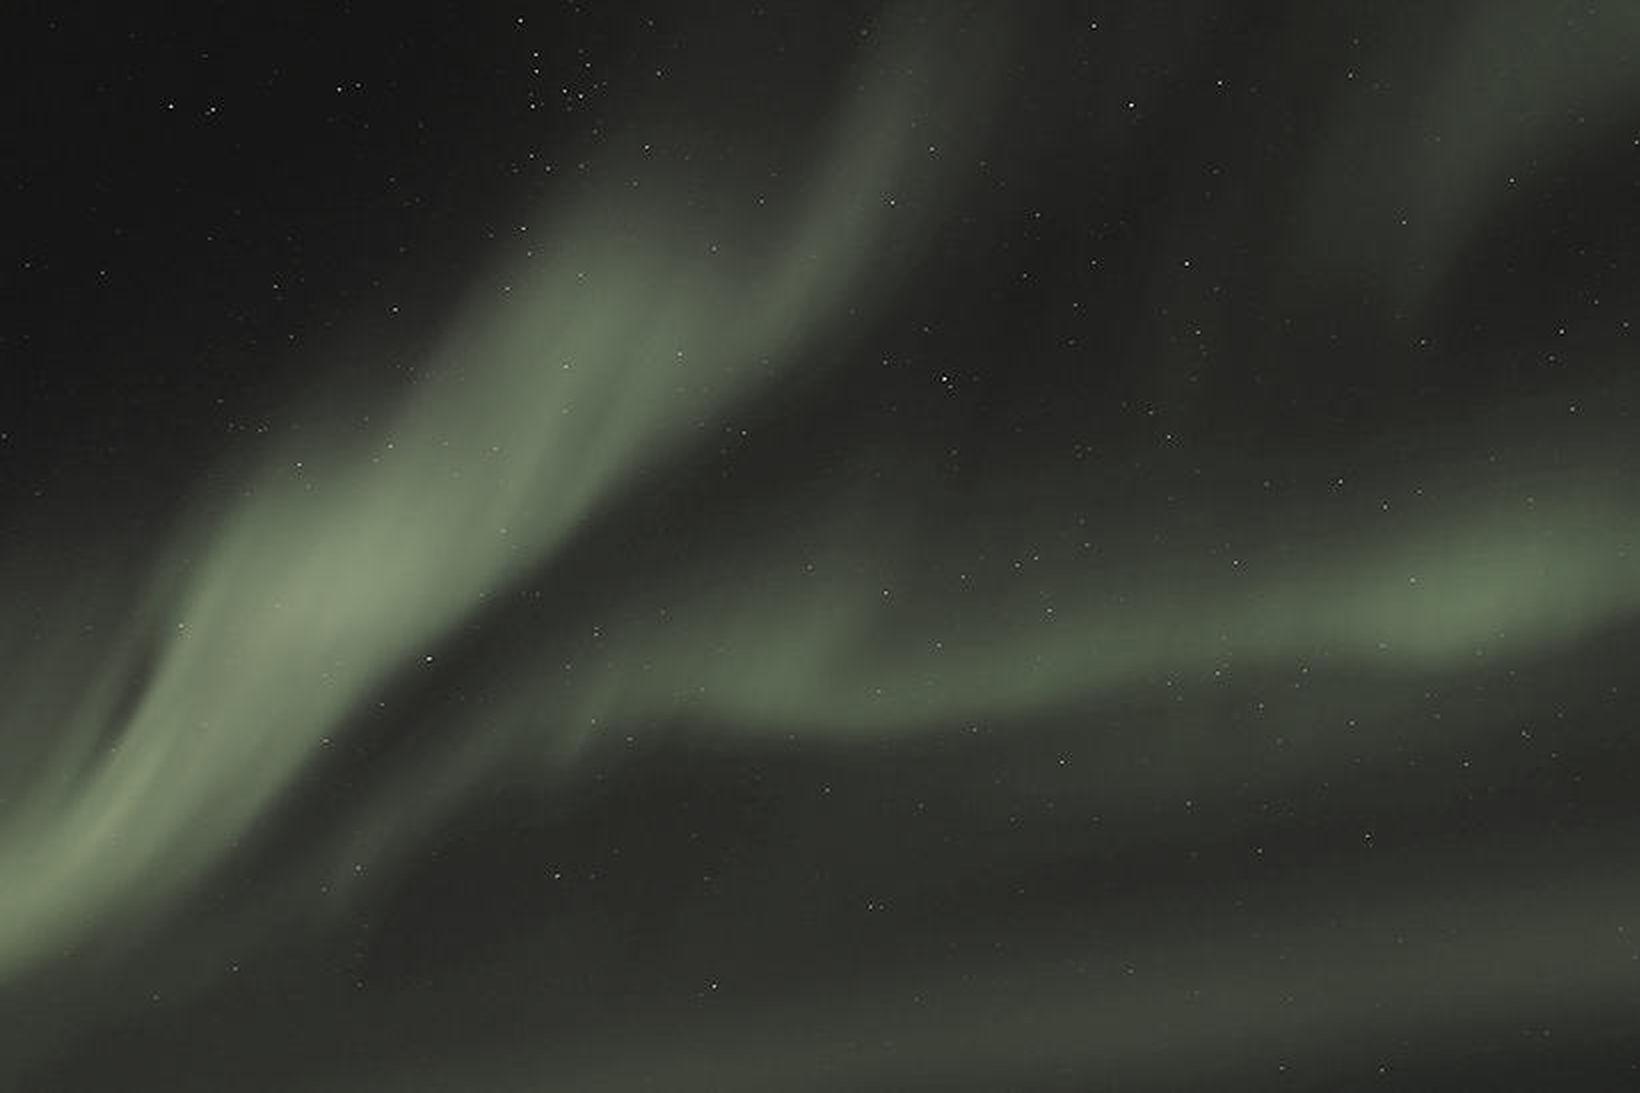 Aðstandendum mannsins hefur verið tilkynnt um málið.